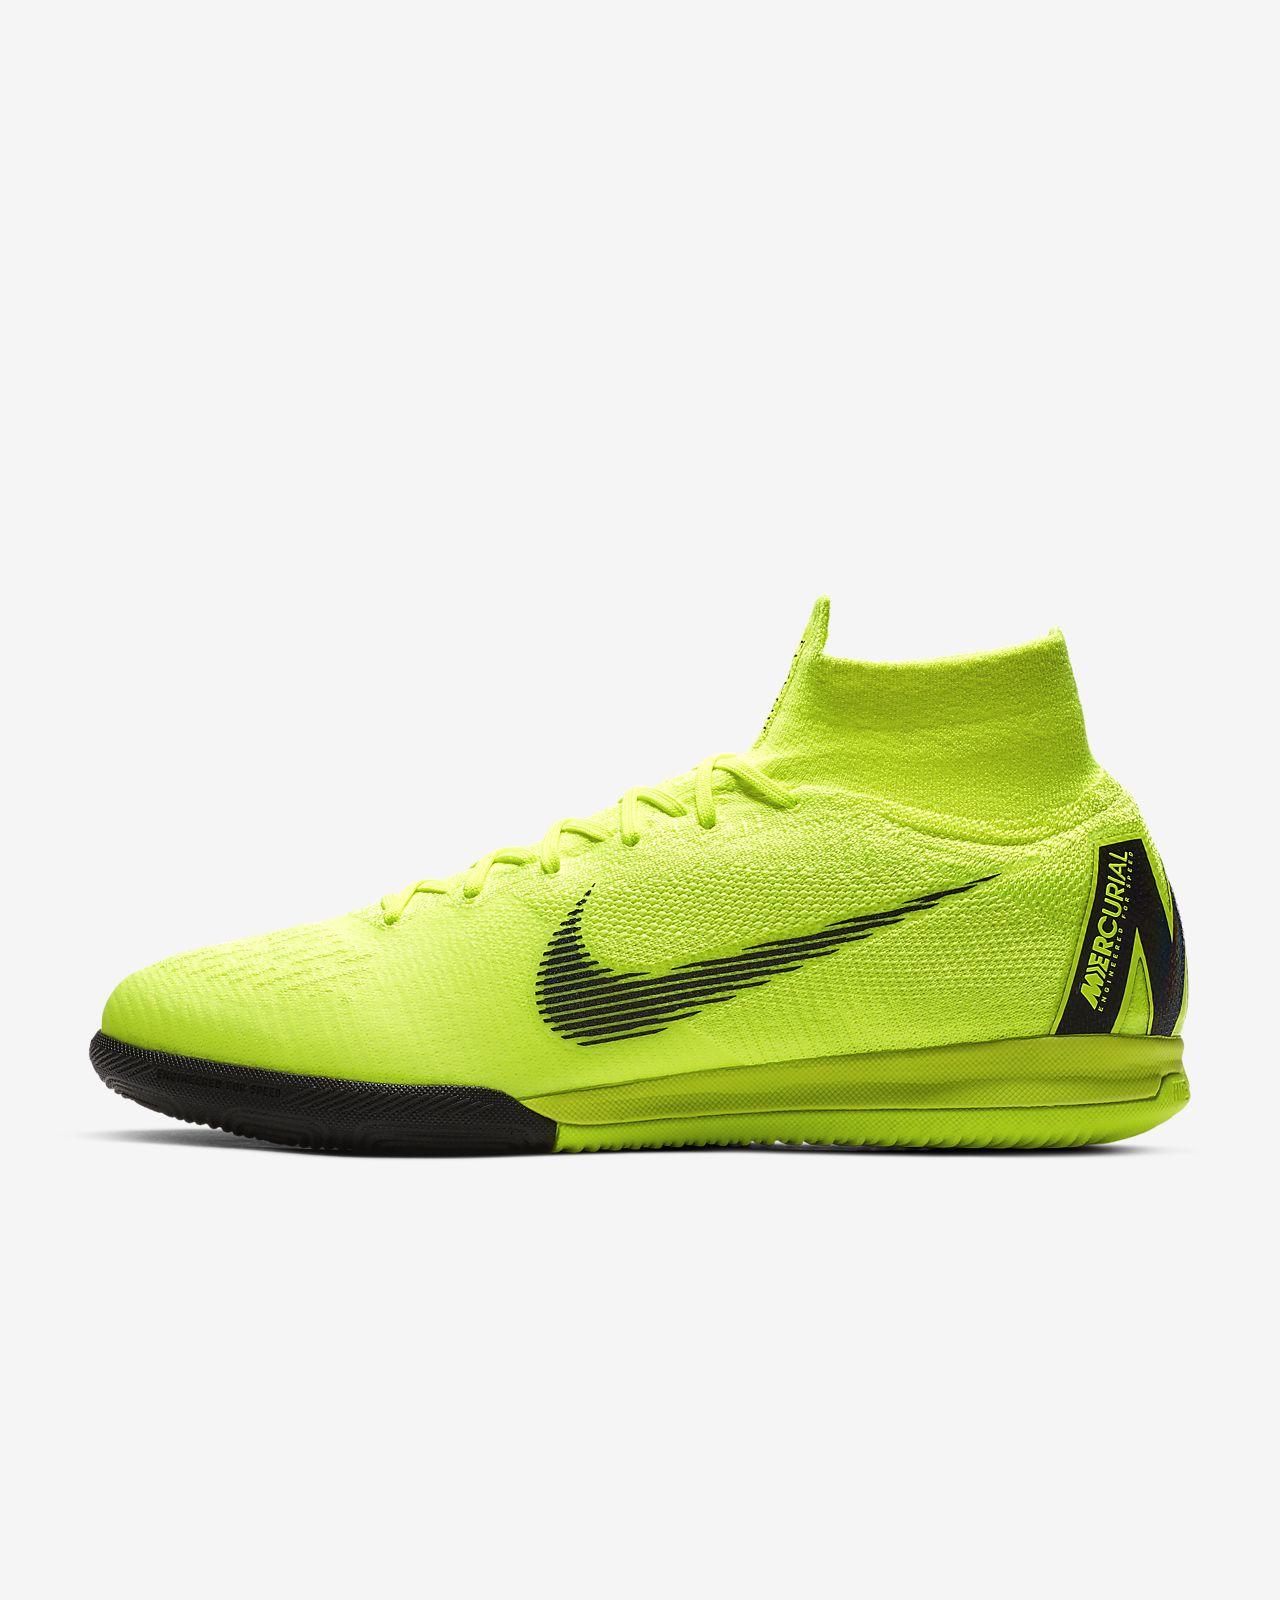 Nike SuperflyX 6 Elite IC  Men's Indoor/Court Soccer Cleat